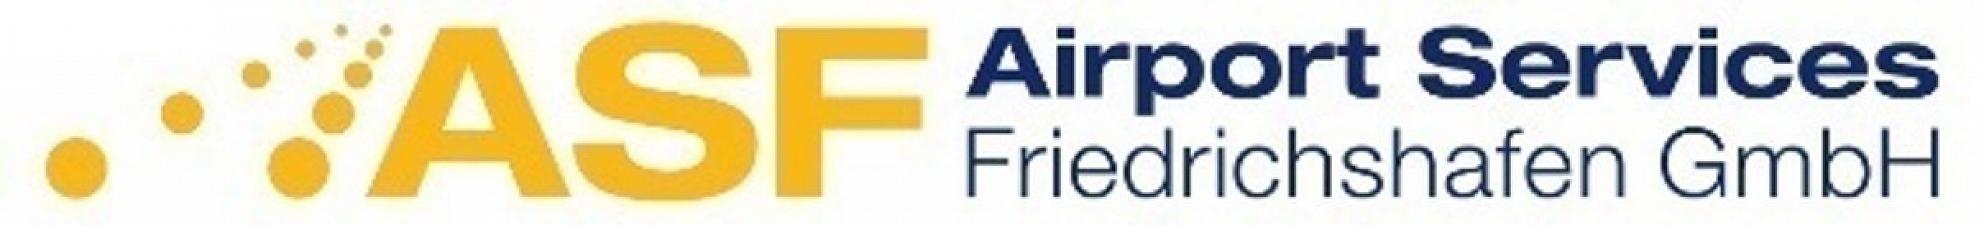 Airport Services Friedrichshafen GmbH